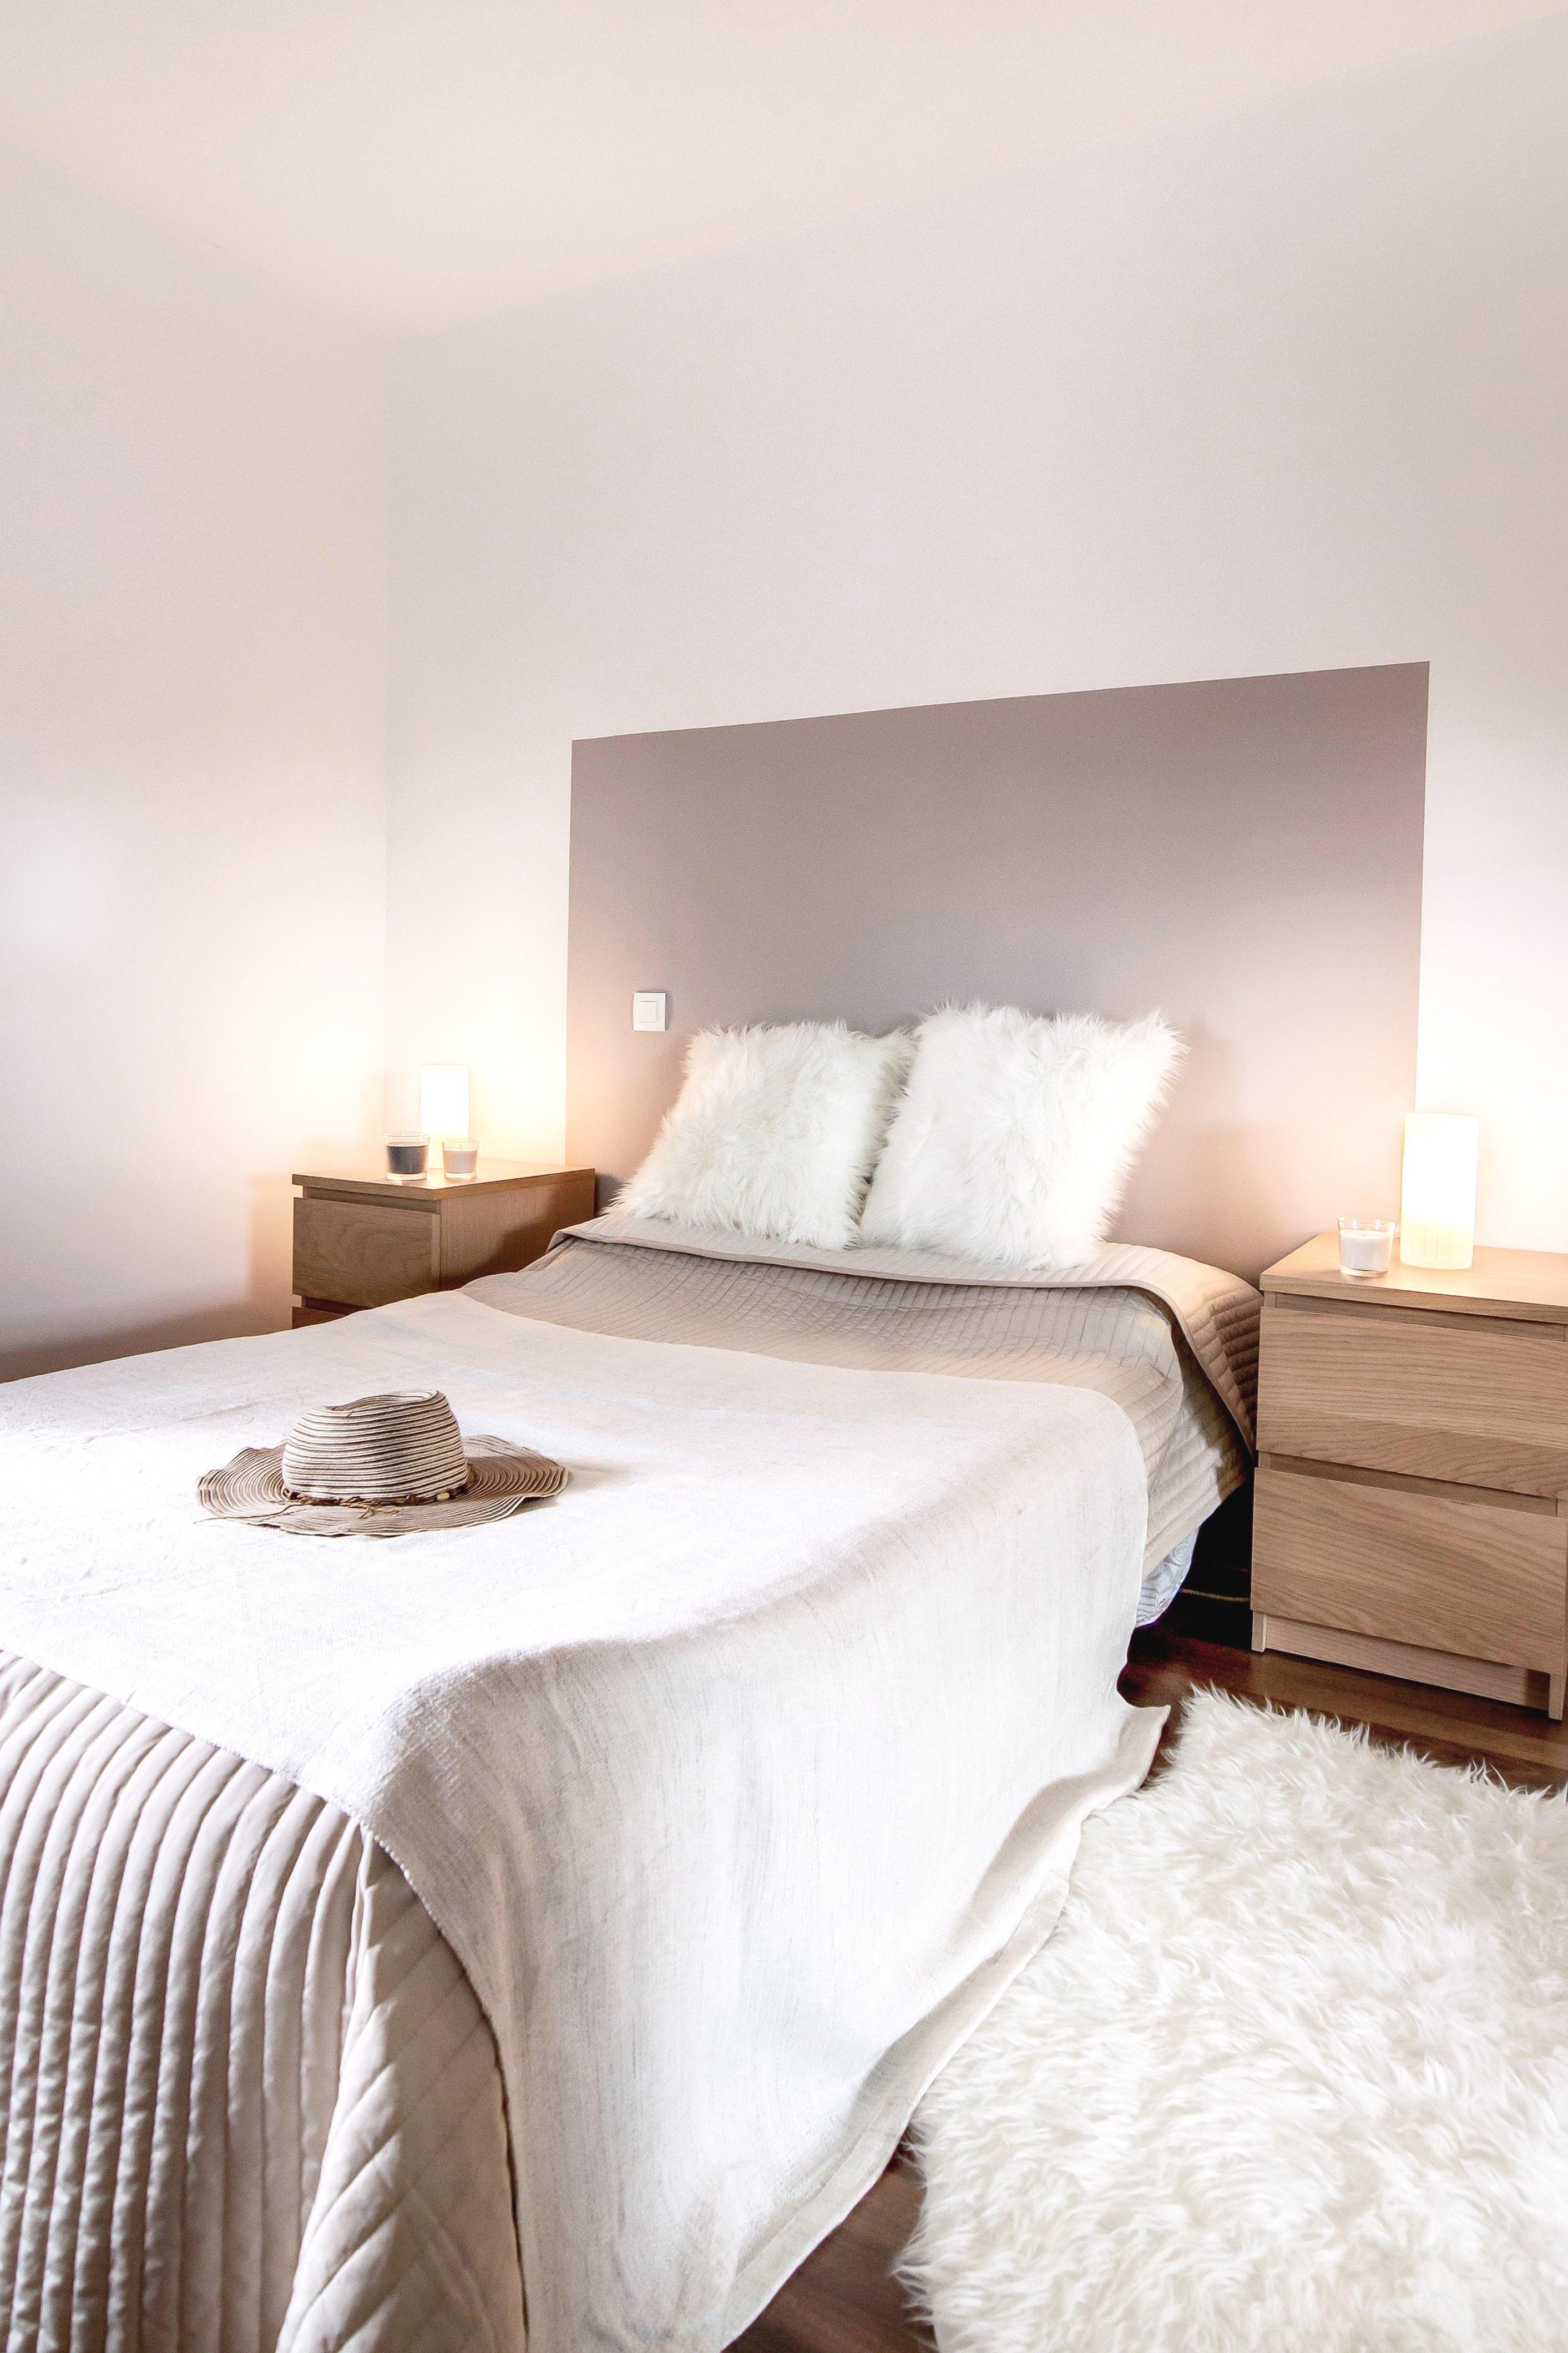 Parure Lit 200×200 Charmant Lit 200 215 200 Ikea Lit Canape Canape Lit Lit Canape Parure Lit